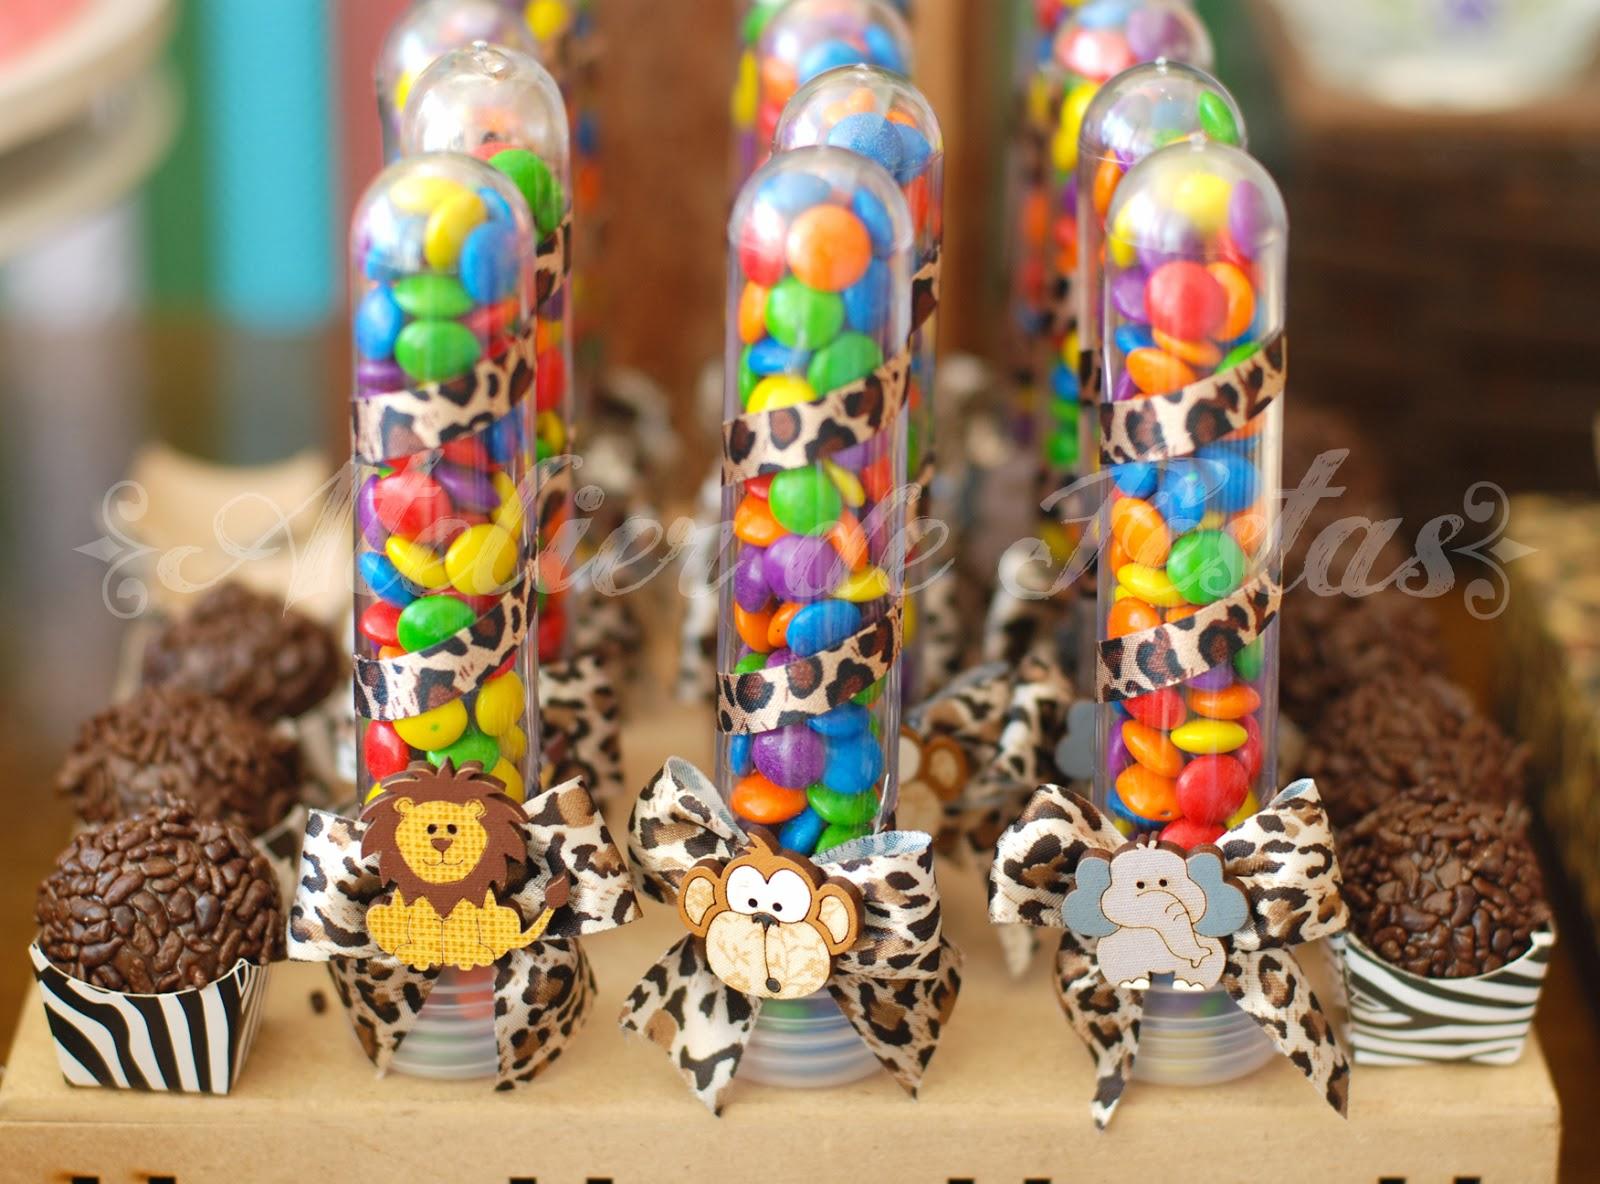 Bolsa De Festa De Aniversario : Atelier de festas festa safari menina sofia